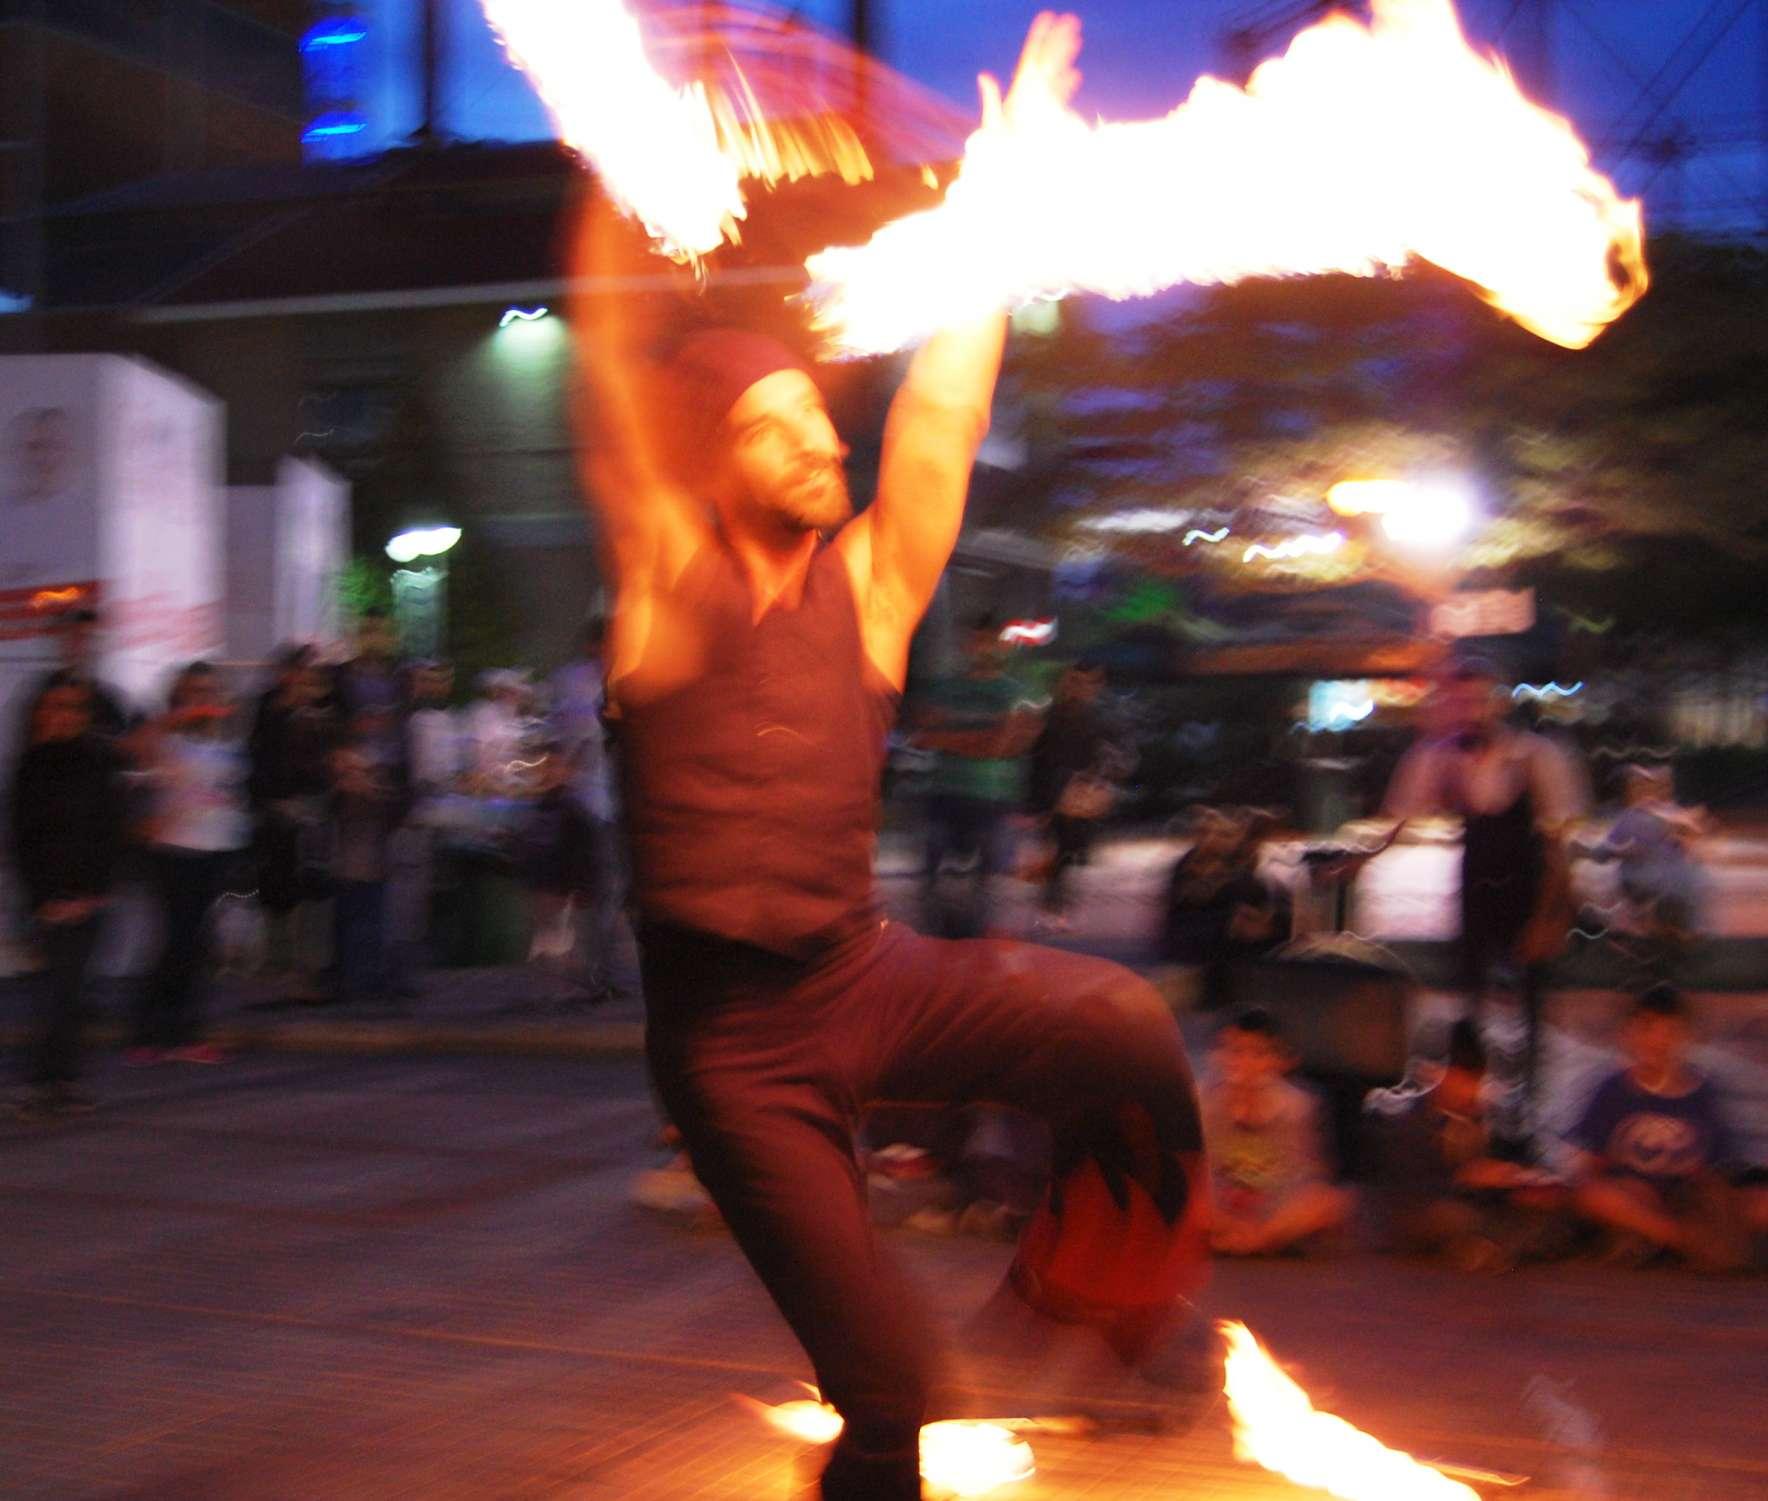 Ζογκλέρ χορεύει παίζοντας με δύο κοντάρια με φωτιές σε φεστιβάλ στην Τεχνόπολη στην Αθήνα.